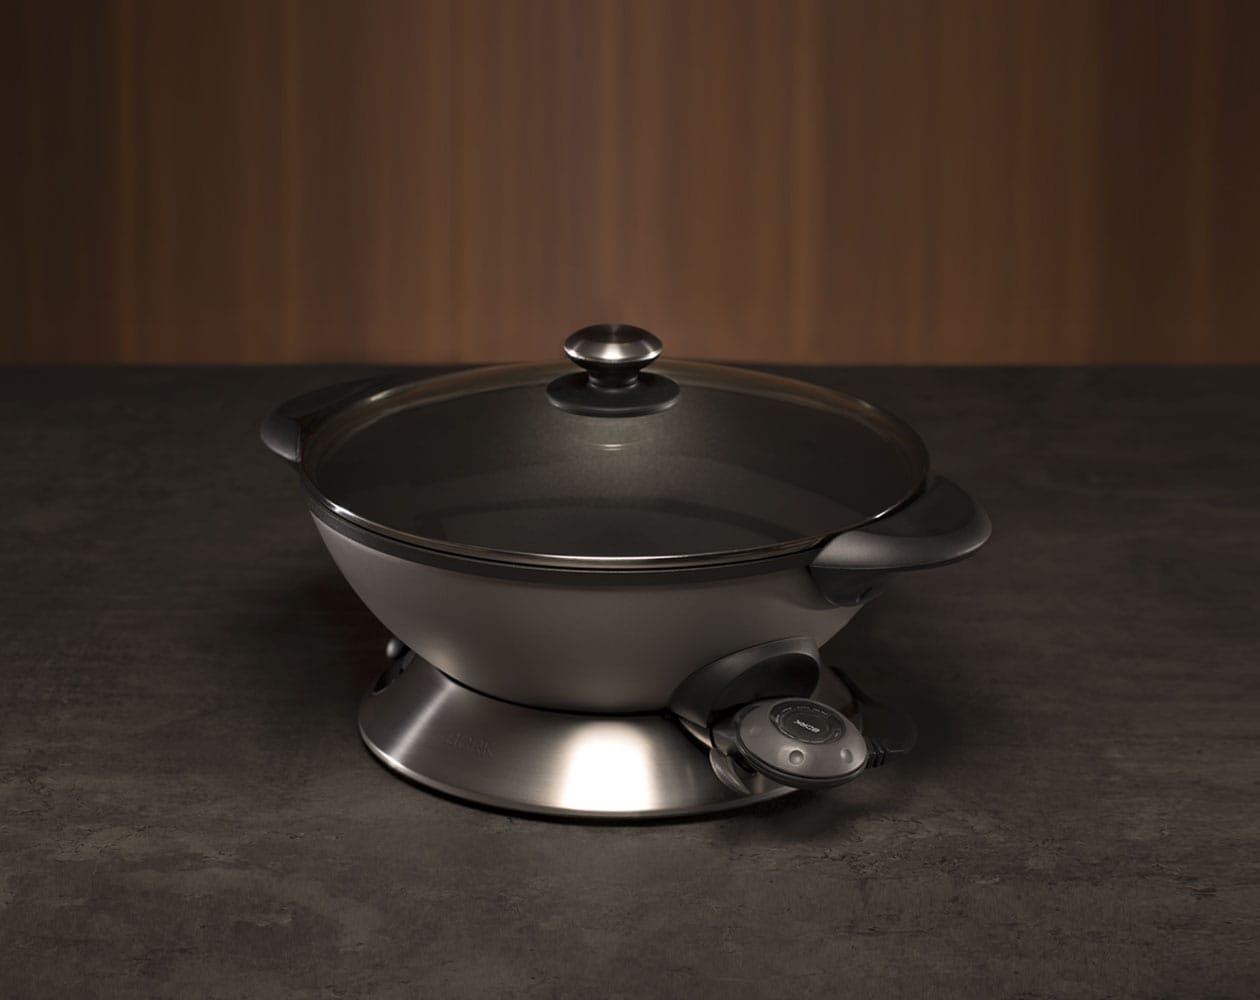 фотографии электрической сковороды BORK